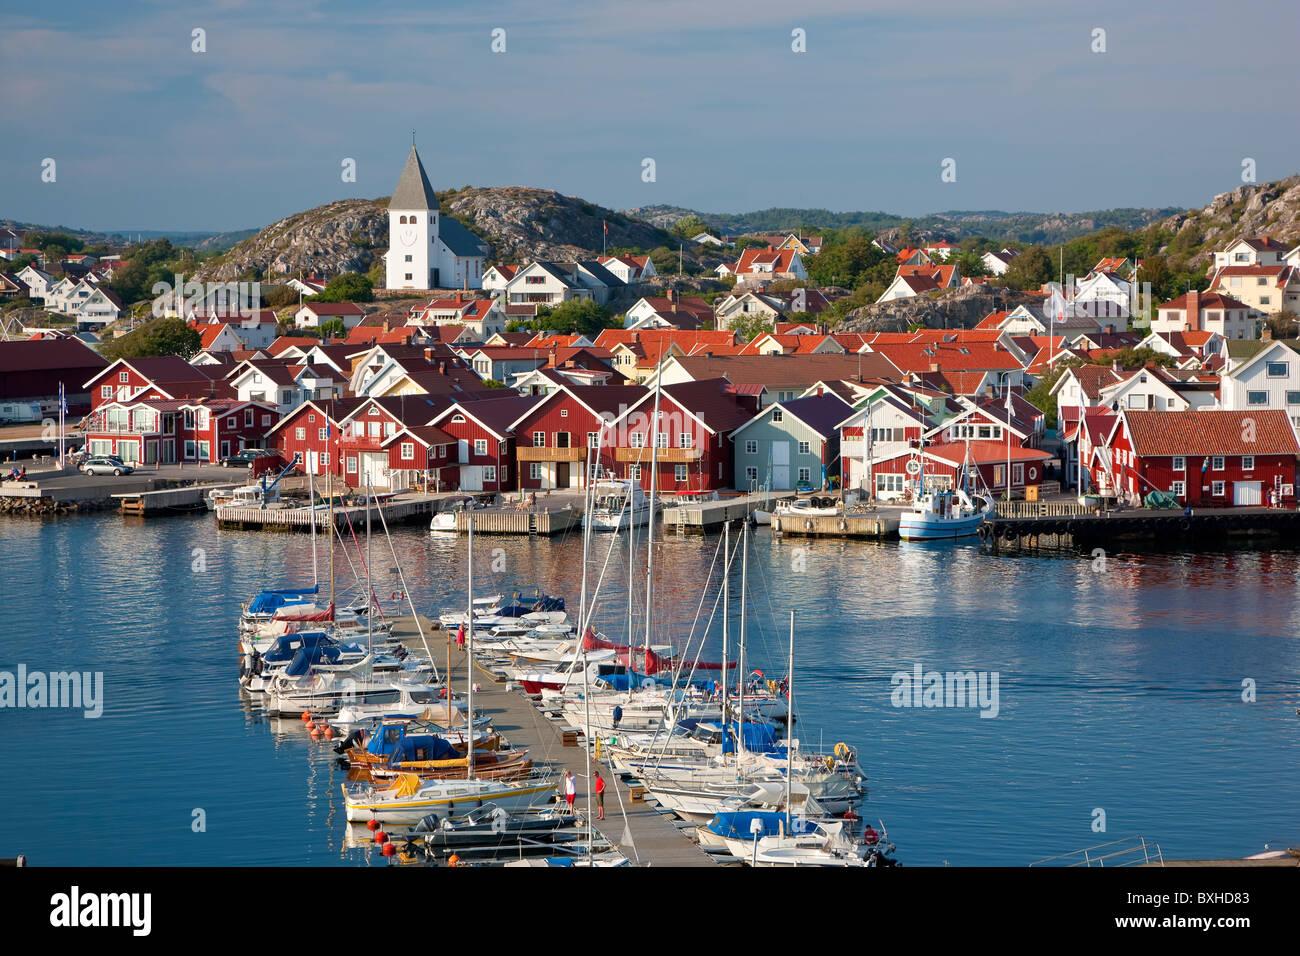 Villaggio di SkŠrhamn sull isola di Tjorn, Bohuslan, sulla costa occidentale della Svezia Immagini Stock